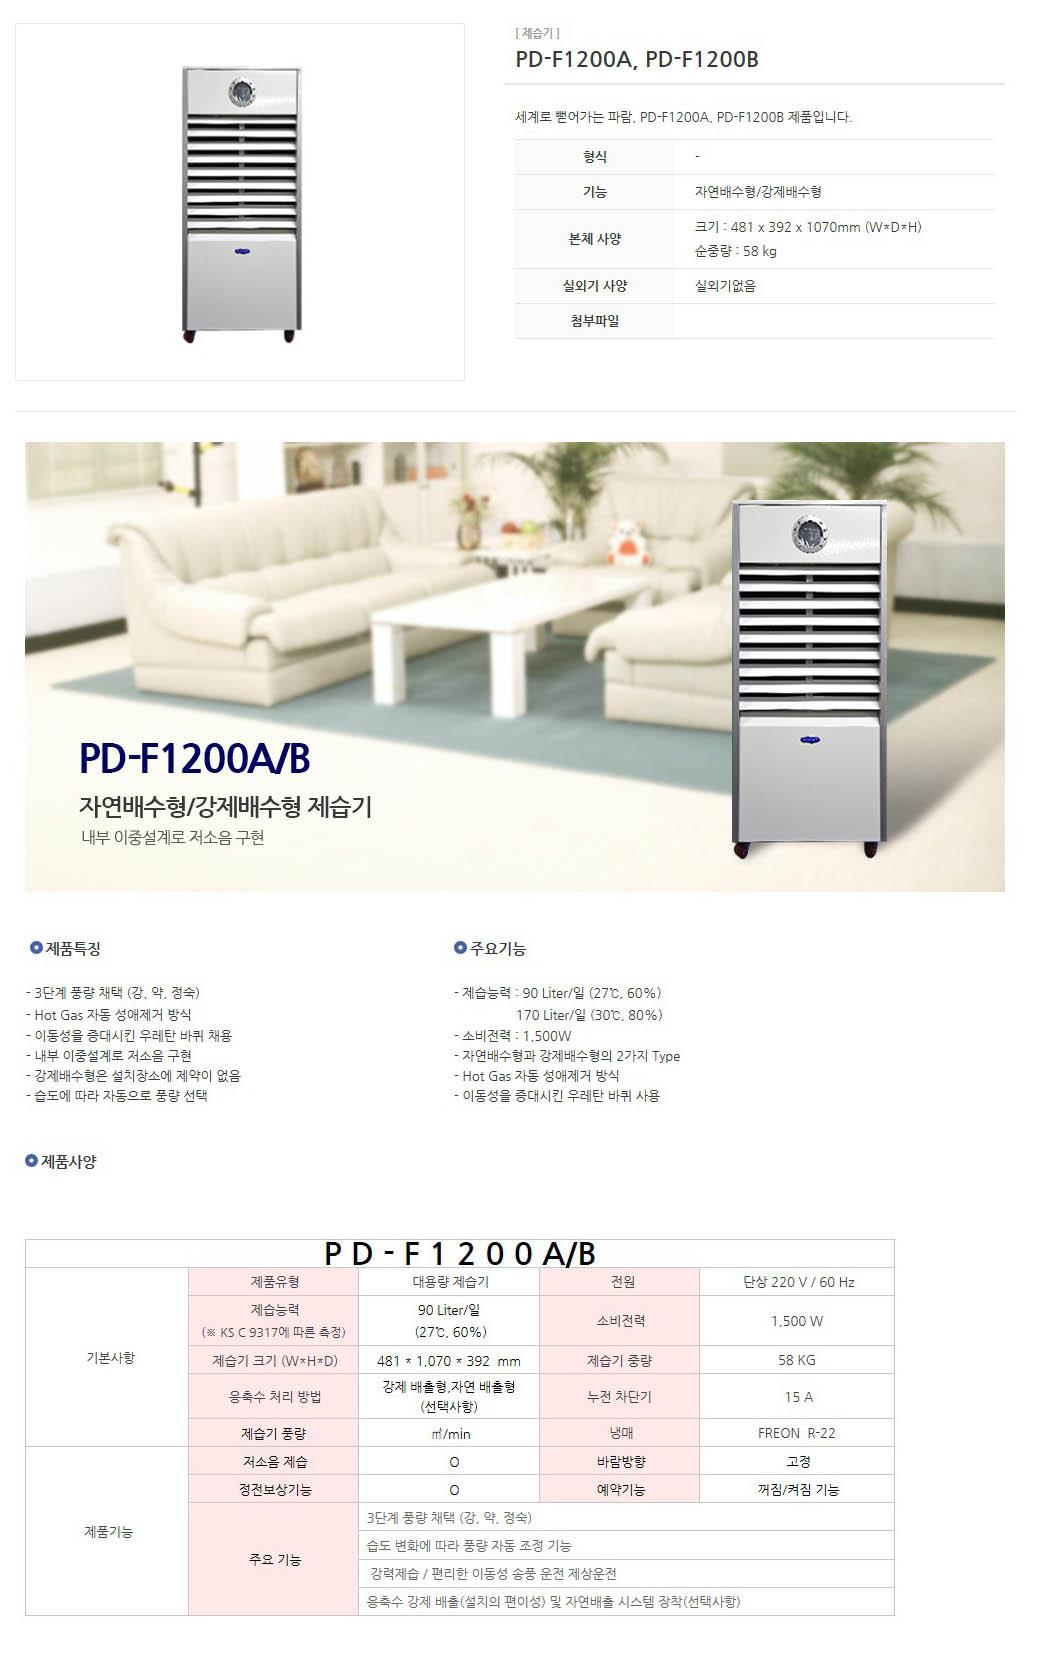 (주)파람 대용량 제습기 PD-F1200A, PD-F1200B